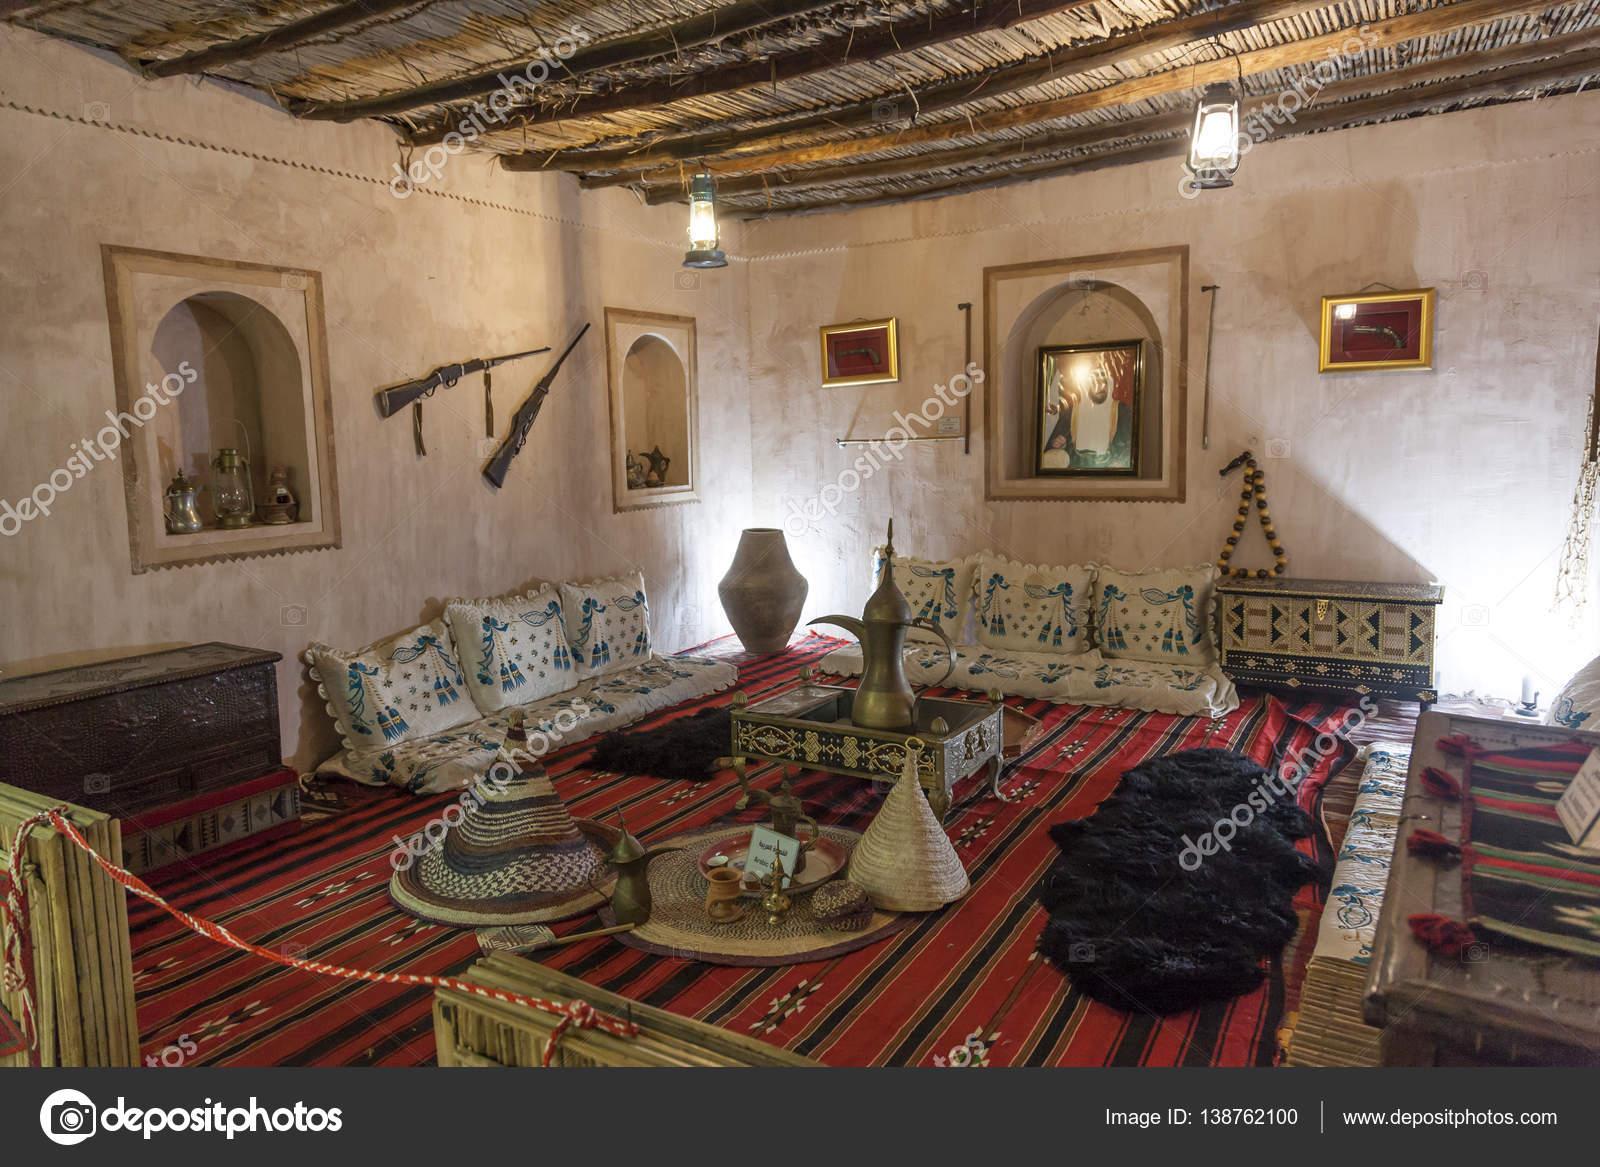 Interieur D Une Vieille Maison De Bedouins Dans Les Emirats Arabes